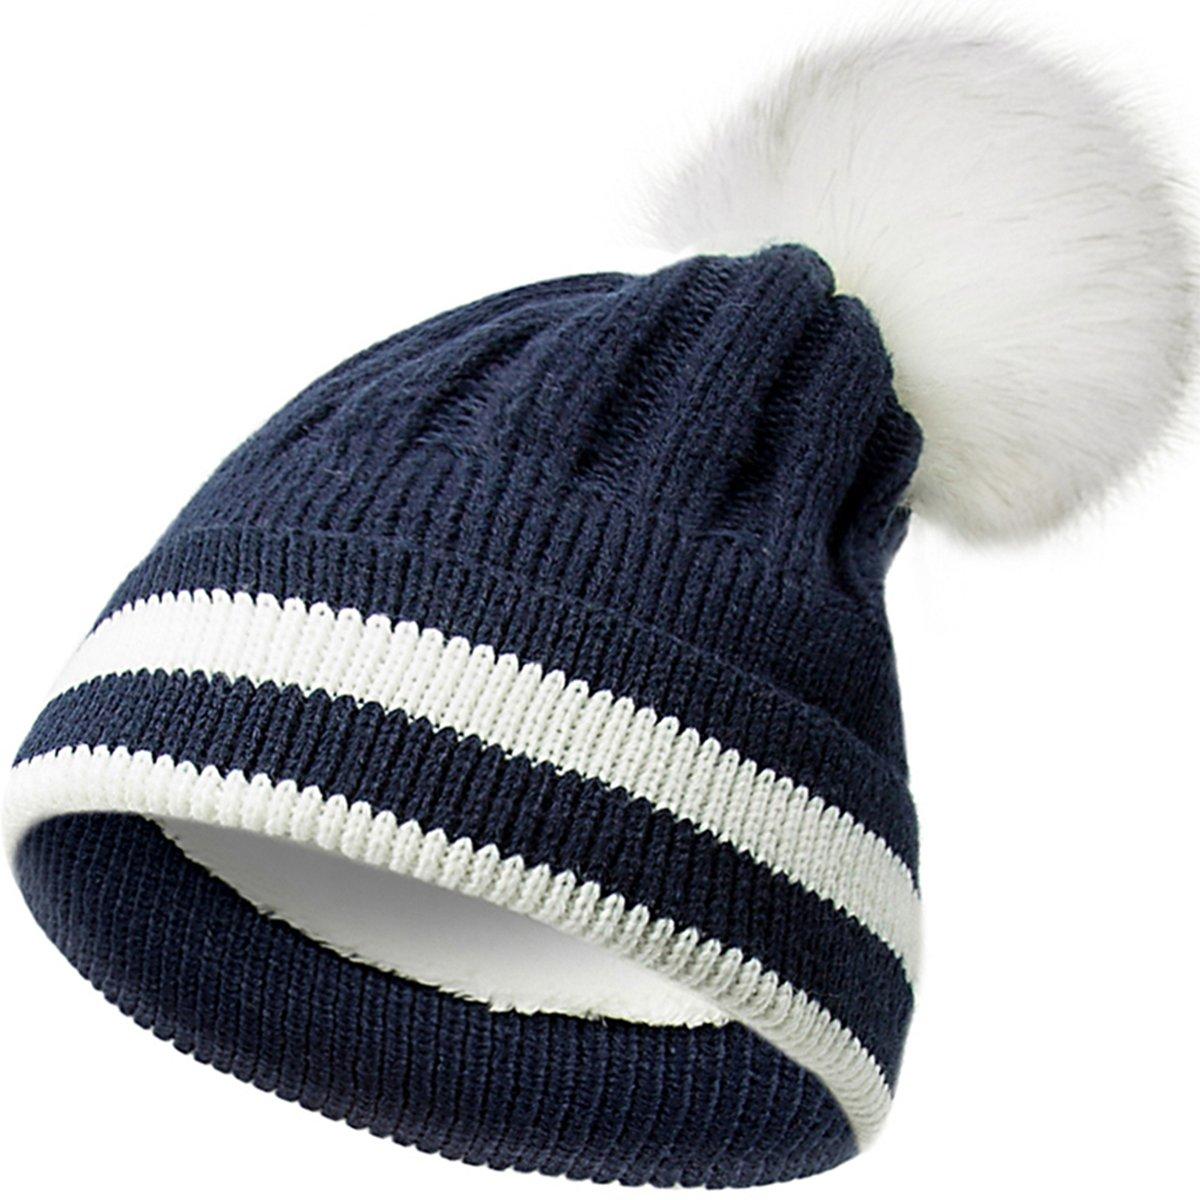 EVRFELAN Pom Pom Cotton Beanie Winter Hat Knitted Thick Warm Cute Caps Women Girls (Navy blue)